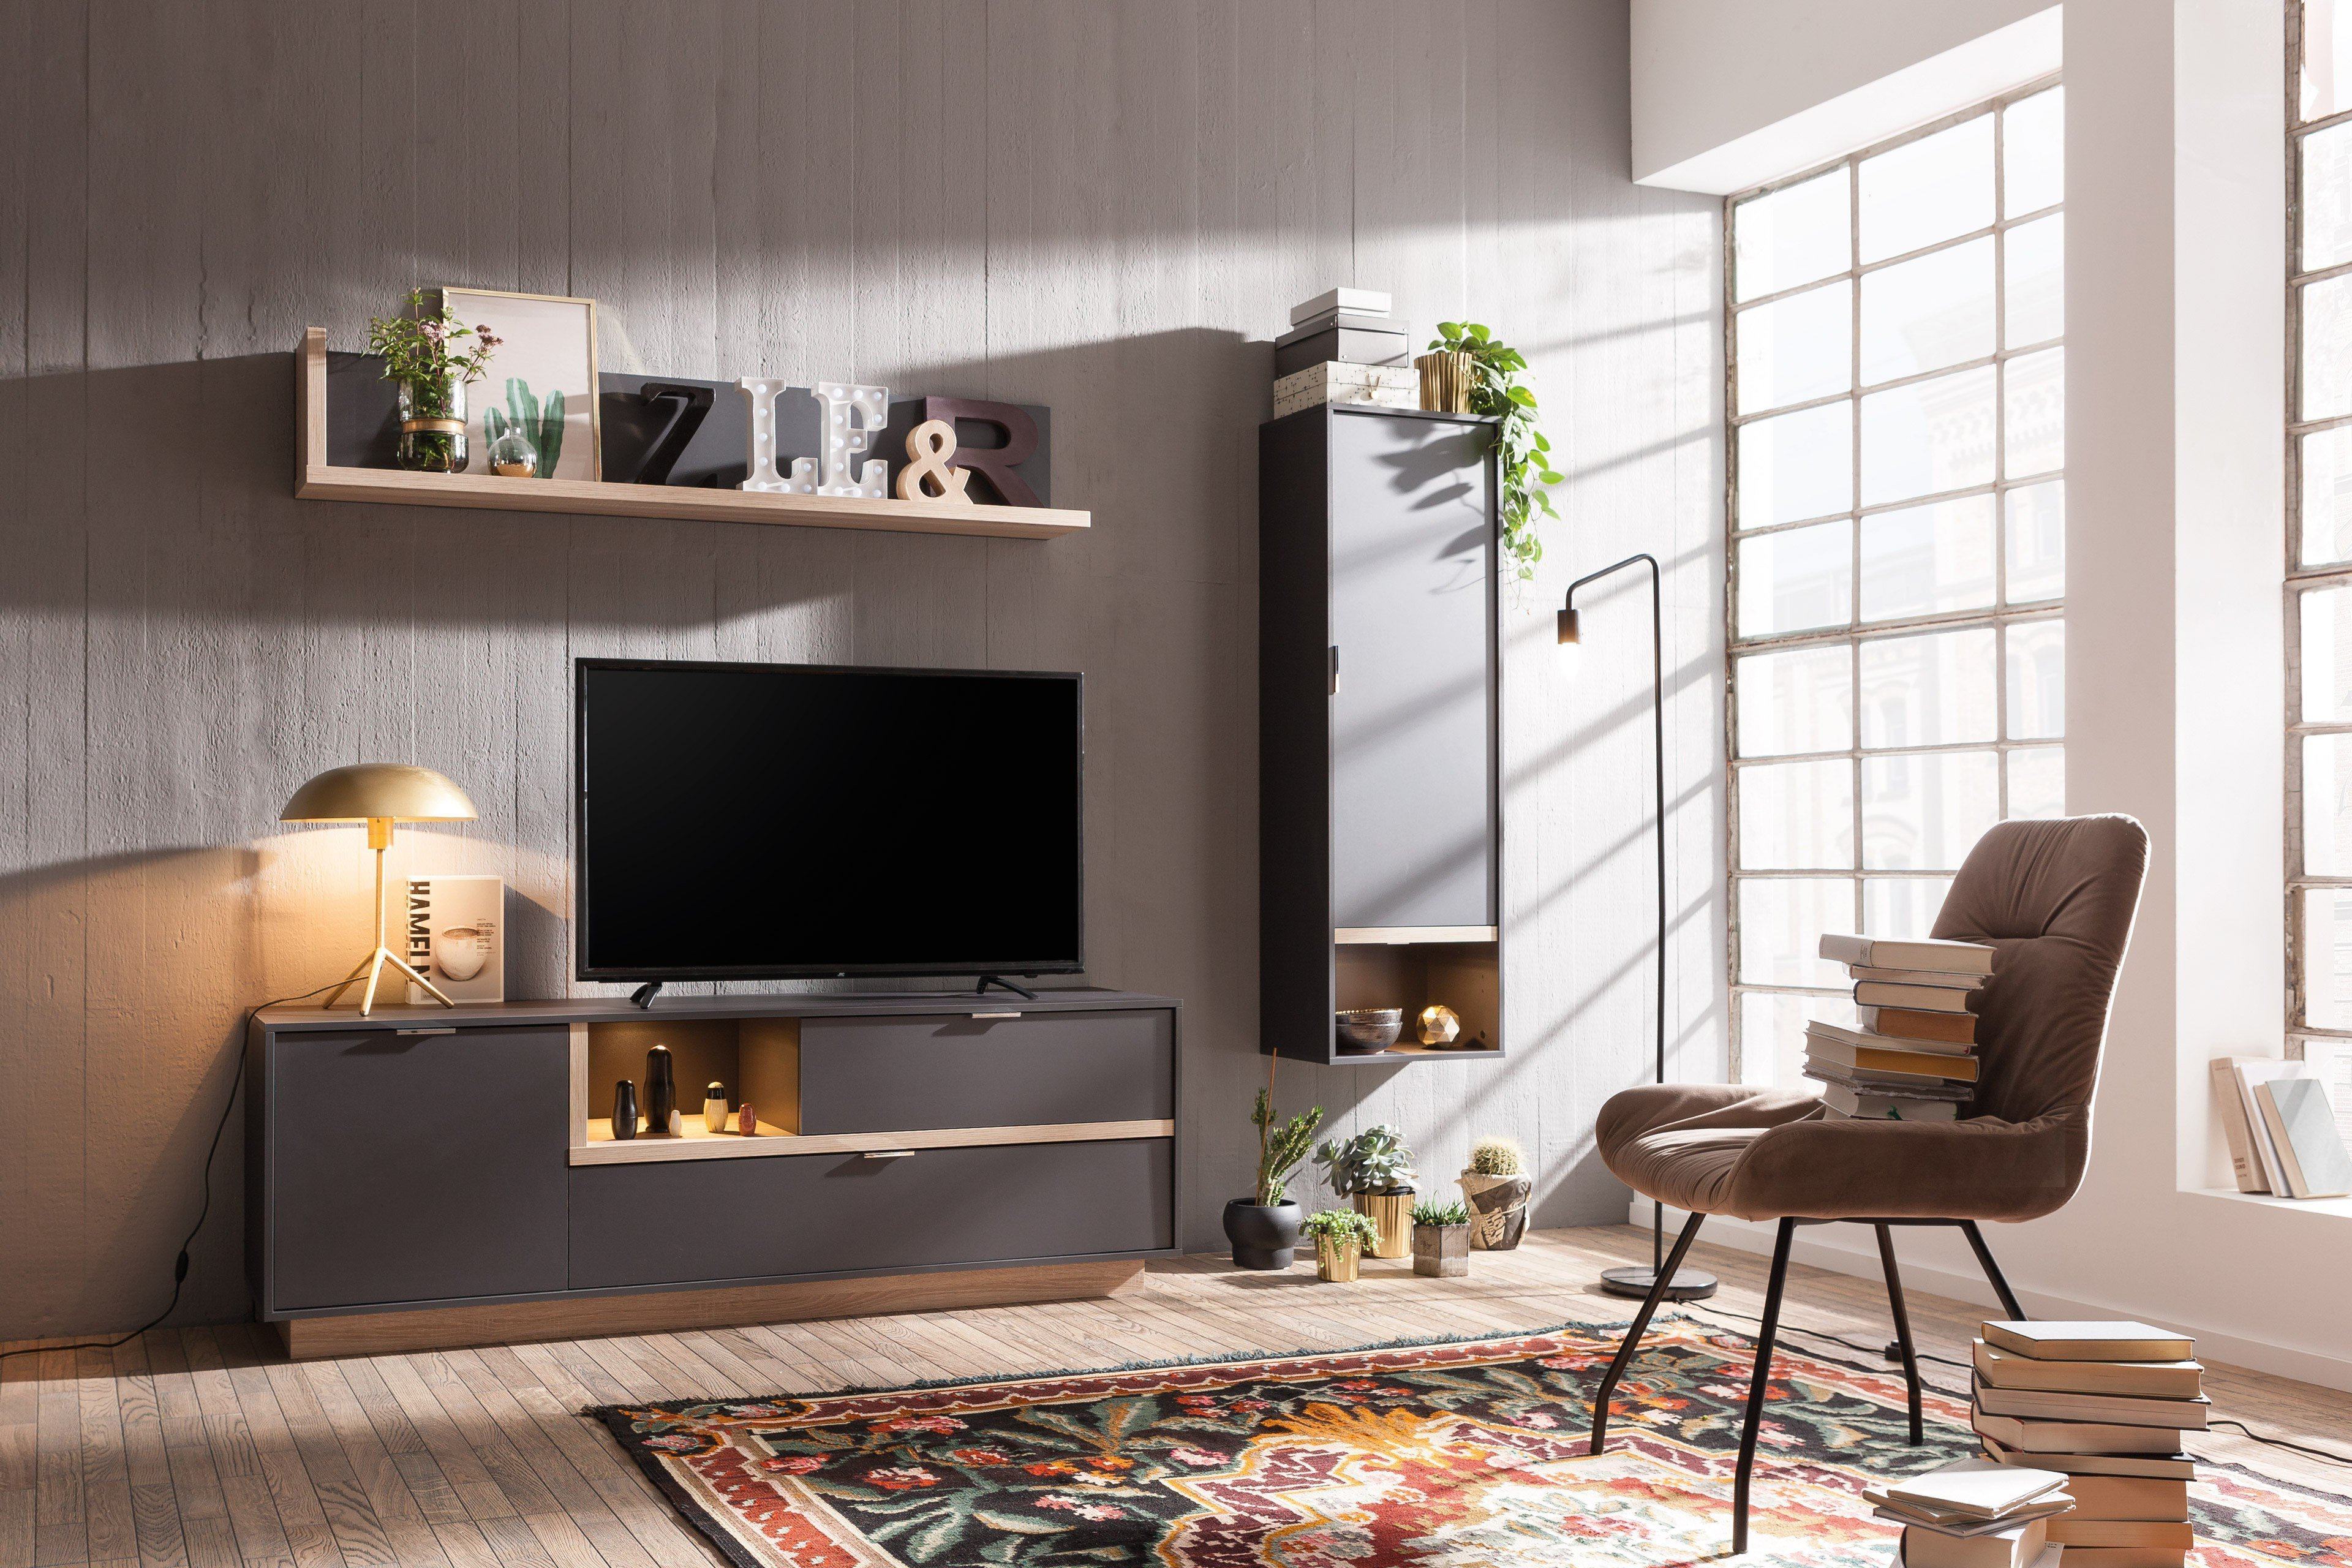 cs schmalm bel wohnwand my ell graphit eiche m bel letz ihr online shop. Black Bedroom Furniture Sets. Home Design Ideas